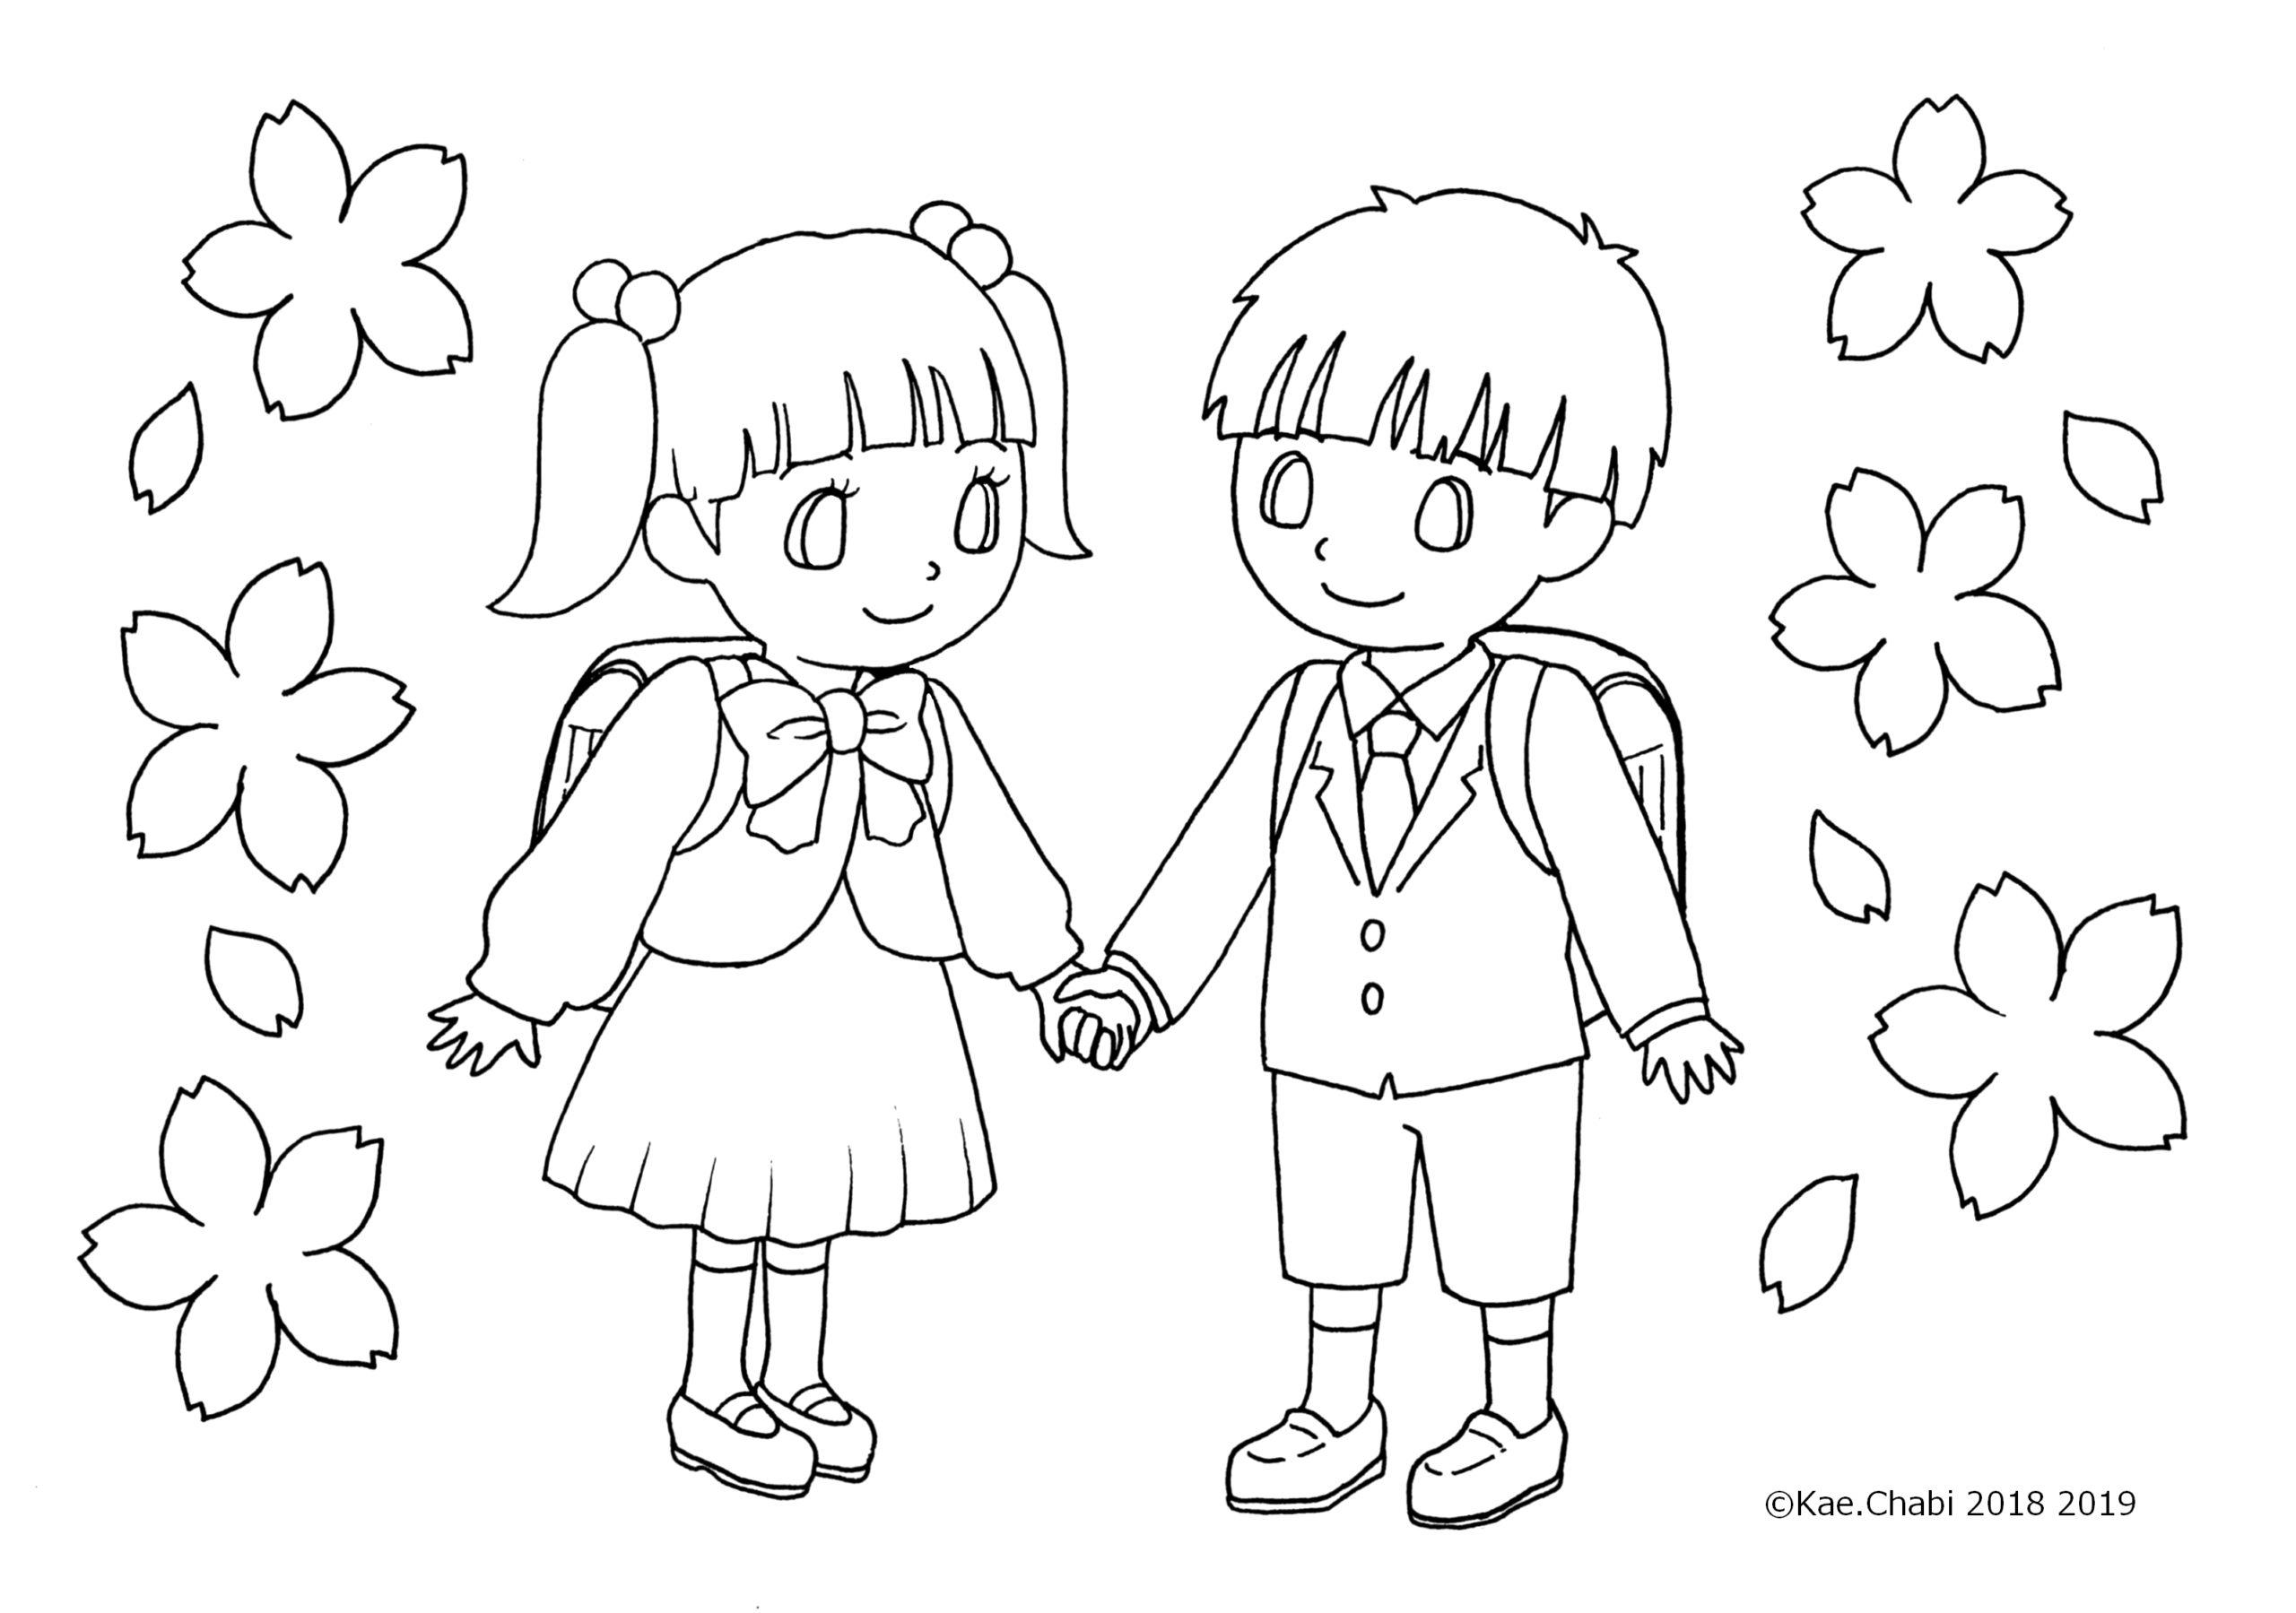 4月に使える塗り絵 入学式 桜 チューリップ 男の子と女の子 小学生 ぬりえ線画 かえちゃびのぬりえカレンダー